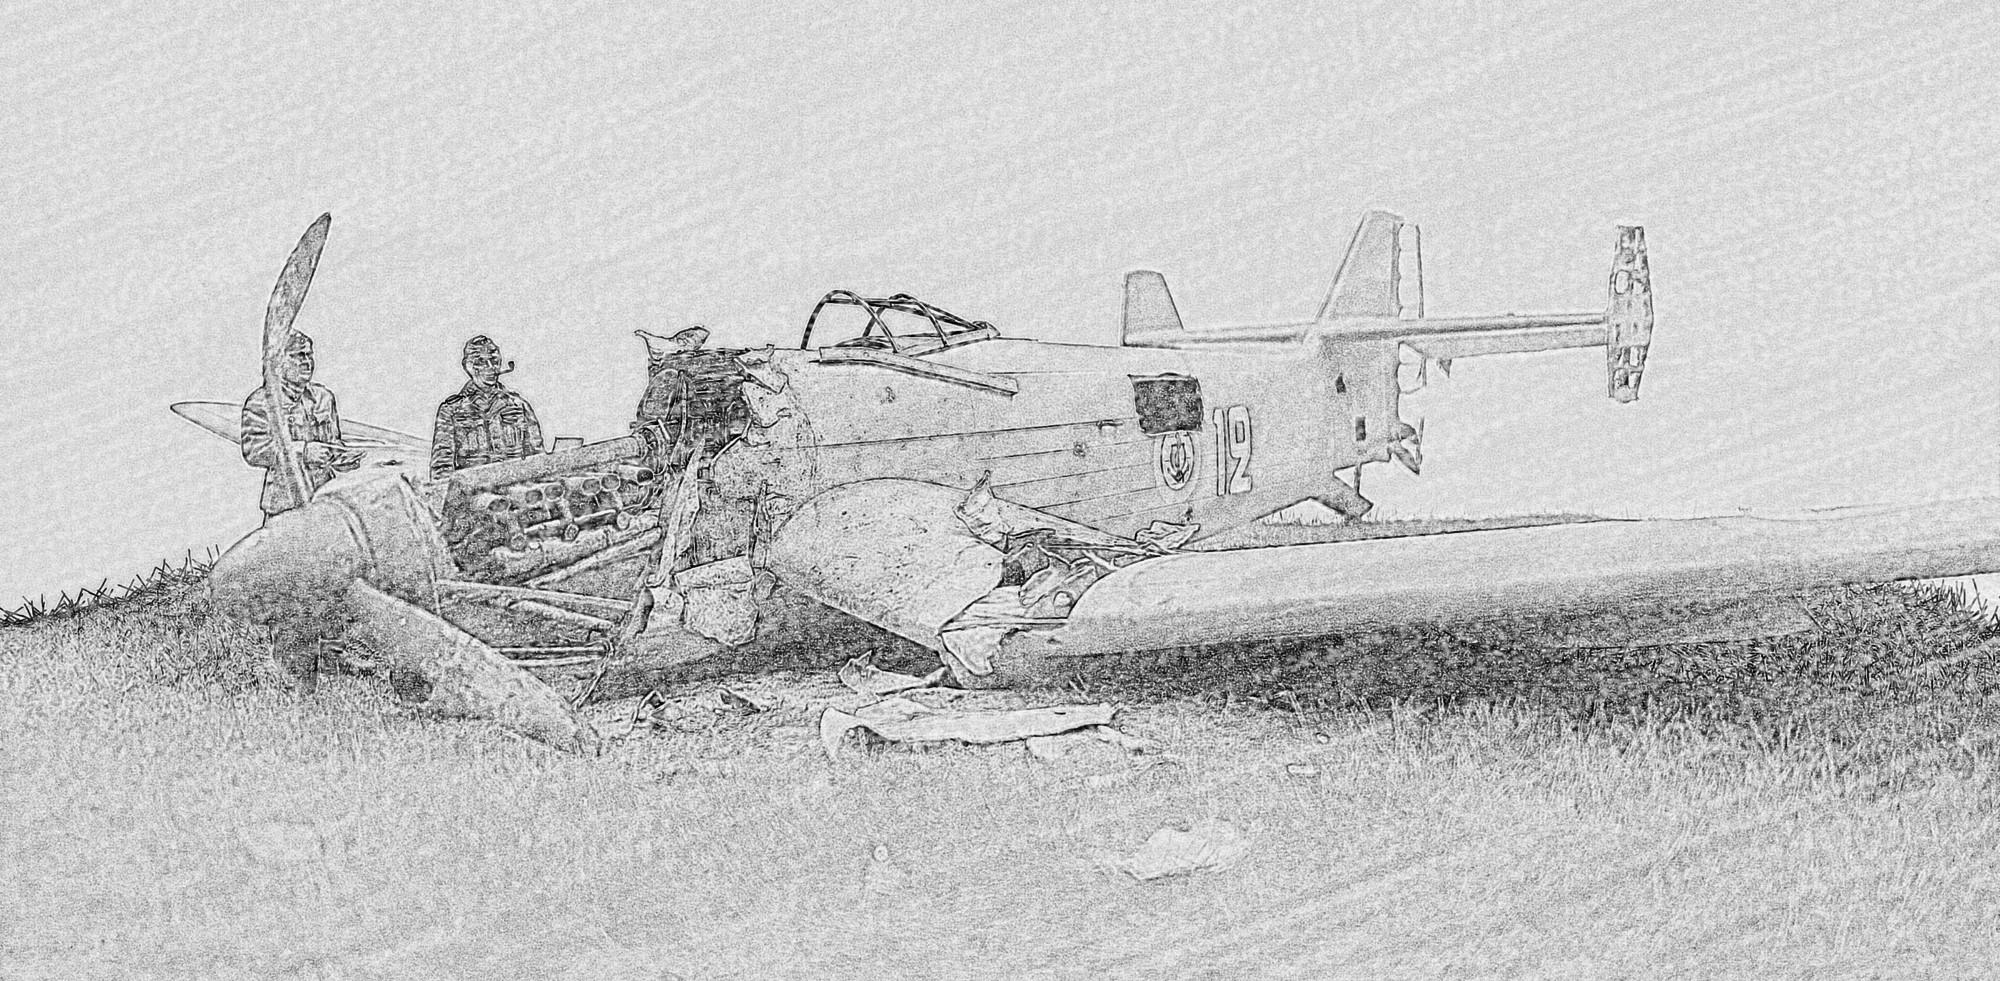 [Concours Aéronavale] Loire Nieuport 401/411 -  Special hobby 1/48 - crash à Villereau -le sacrifice des marins aviateurs du 19 mai 1940 - Mission Berlaimont  Image501